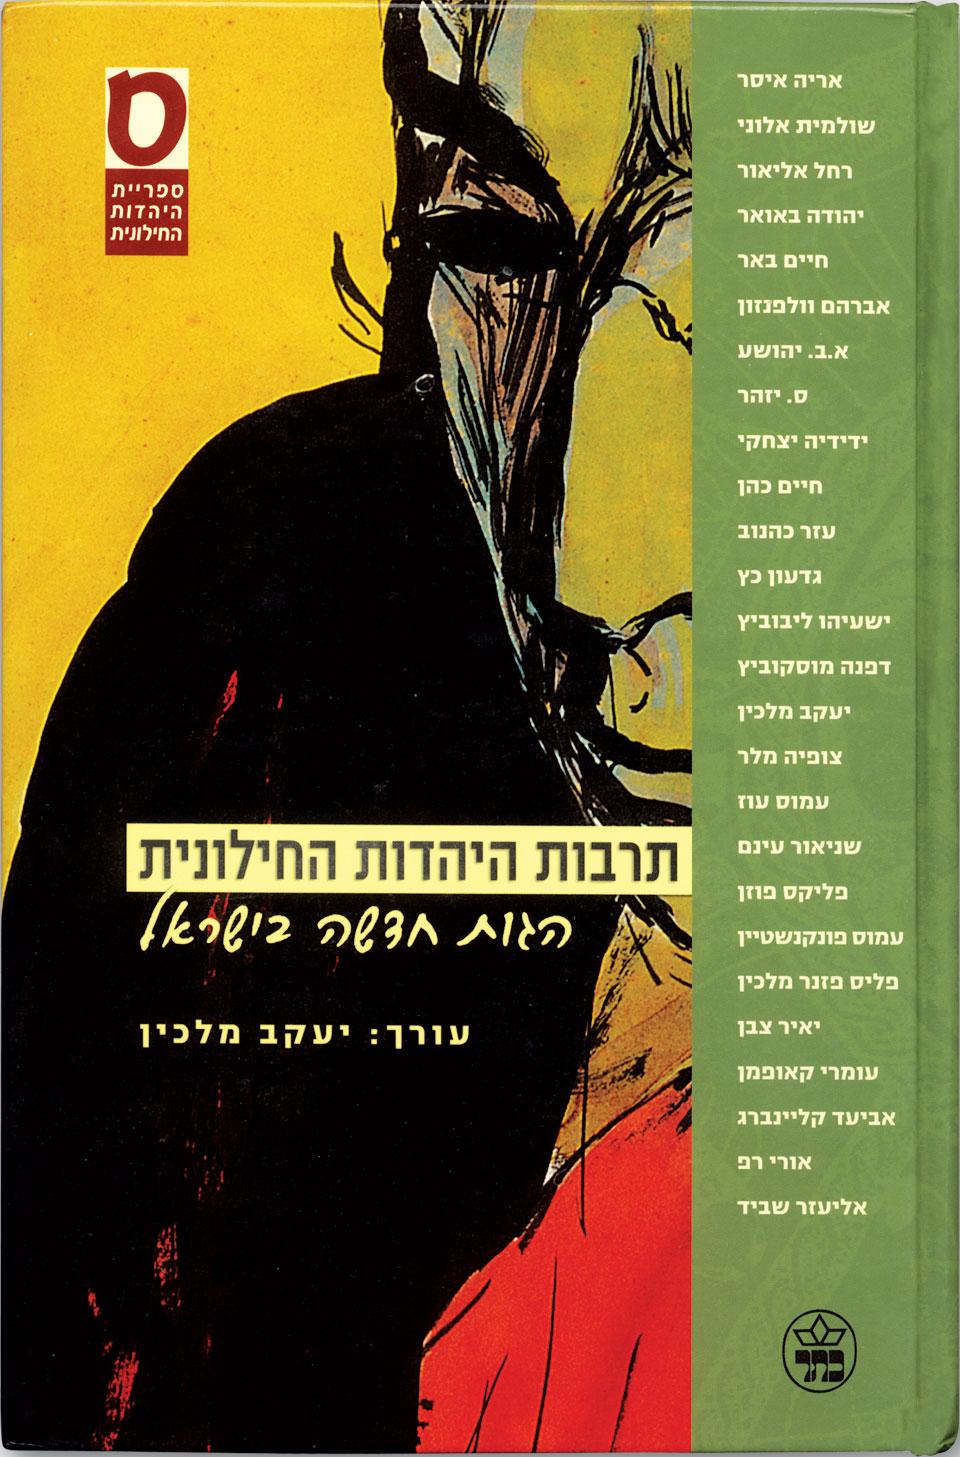 תרבות היהדות החילונית - יעקב מלכין (עורך), עברית, 2005